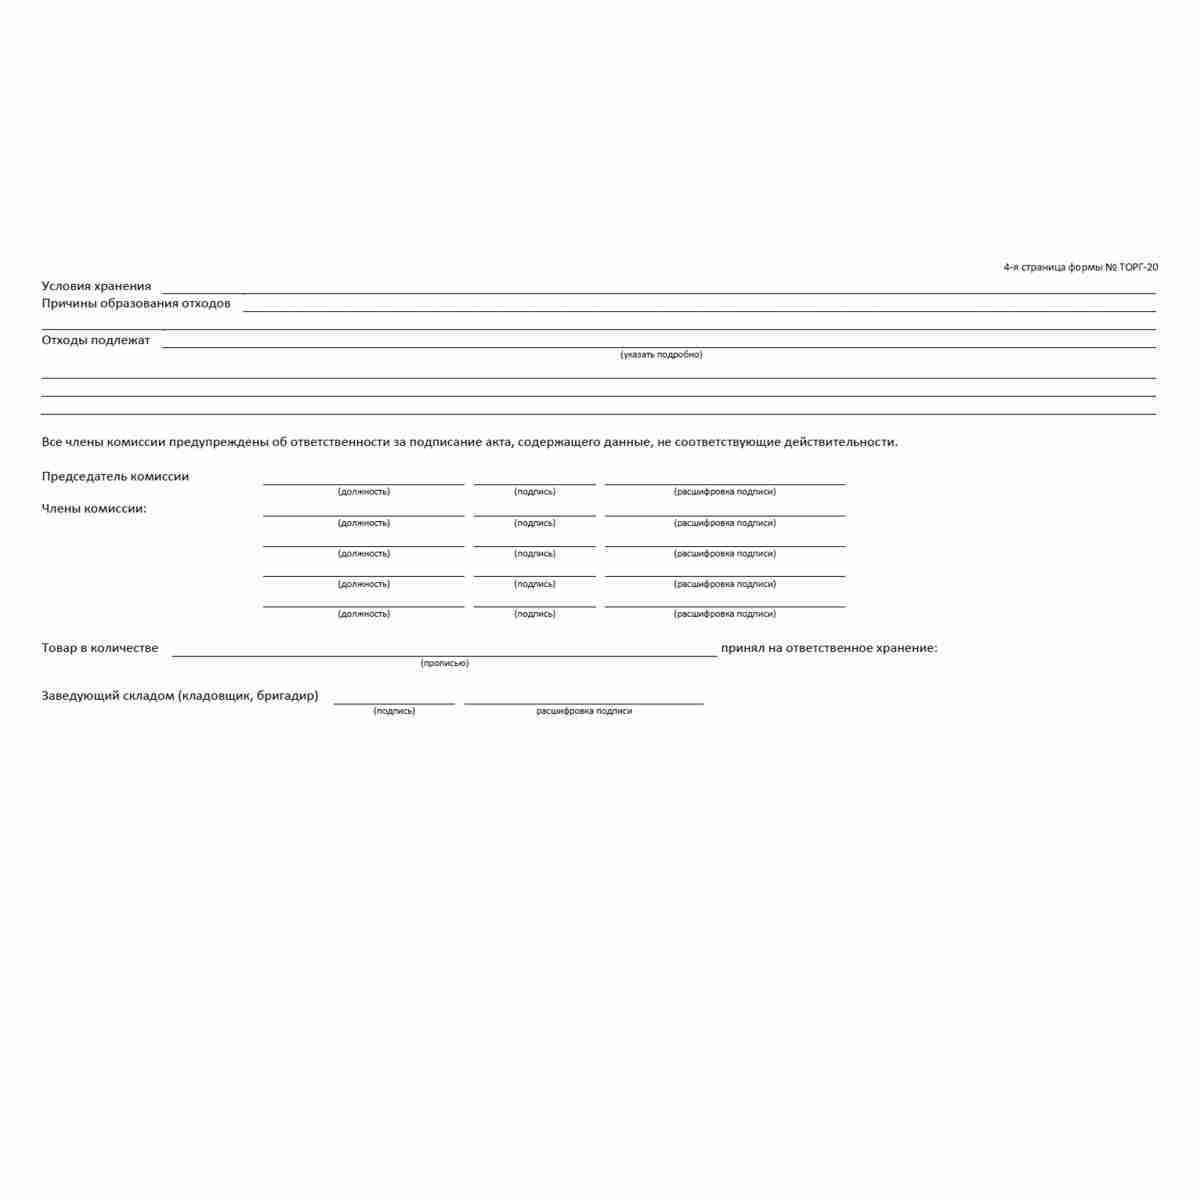 """Унифицированная форма первичной учетной документации №ТОРГ-20 """"Акт о подработке, подсортировке, перетаривании товаров"""" (ОКУД 0330220). Страница 4"""